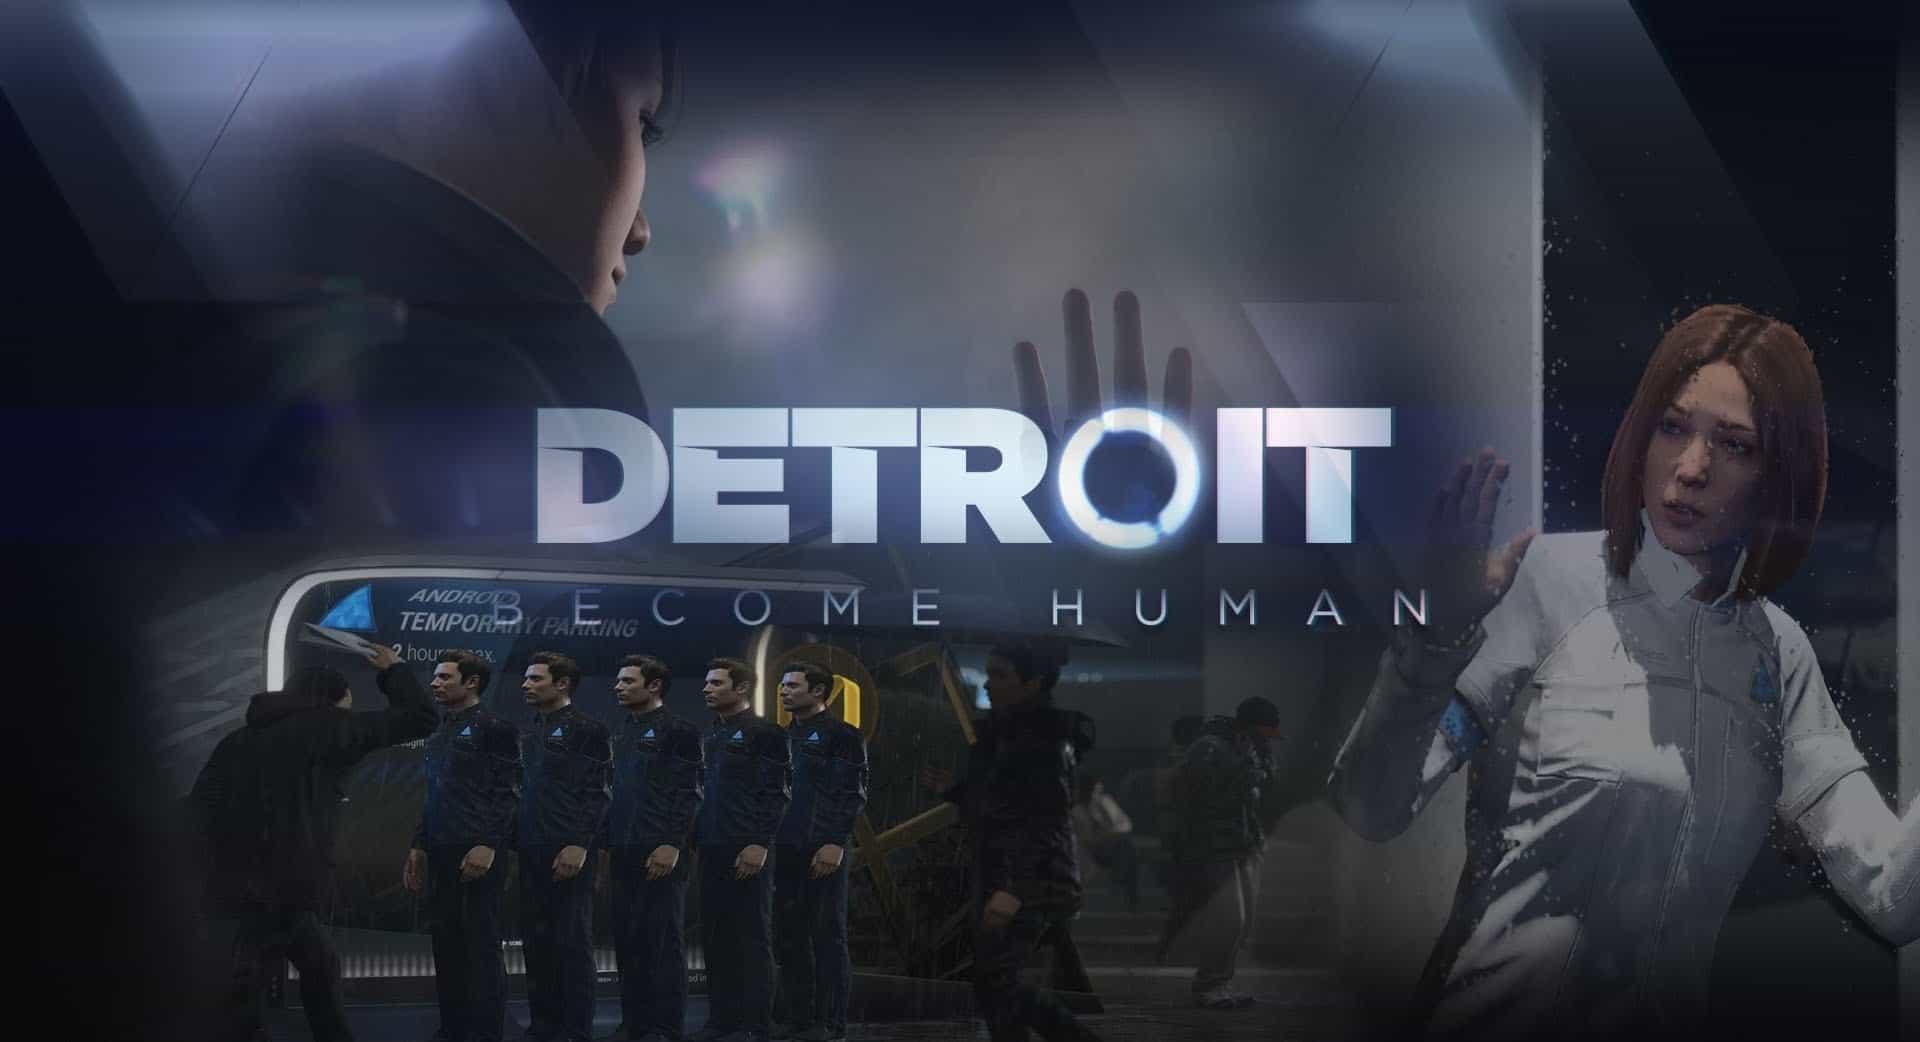 Detroit become human les diff rences techniques sur ps4 et ps4 pro - Ps4 pro boulanger ...